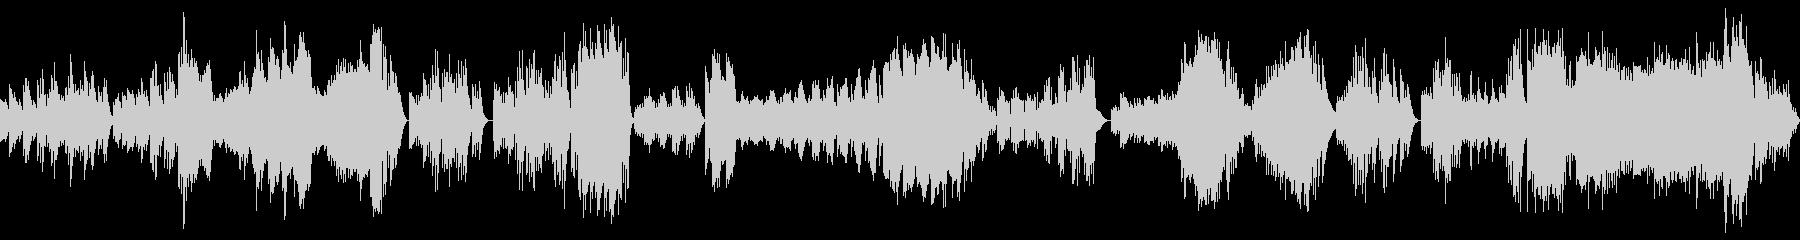 ハイドンピアノソナタ第34番 第一楽章の未再生の波形